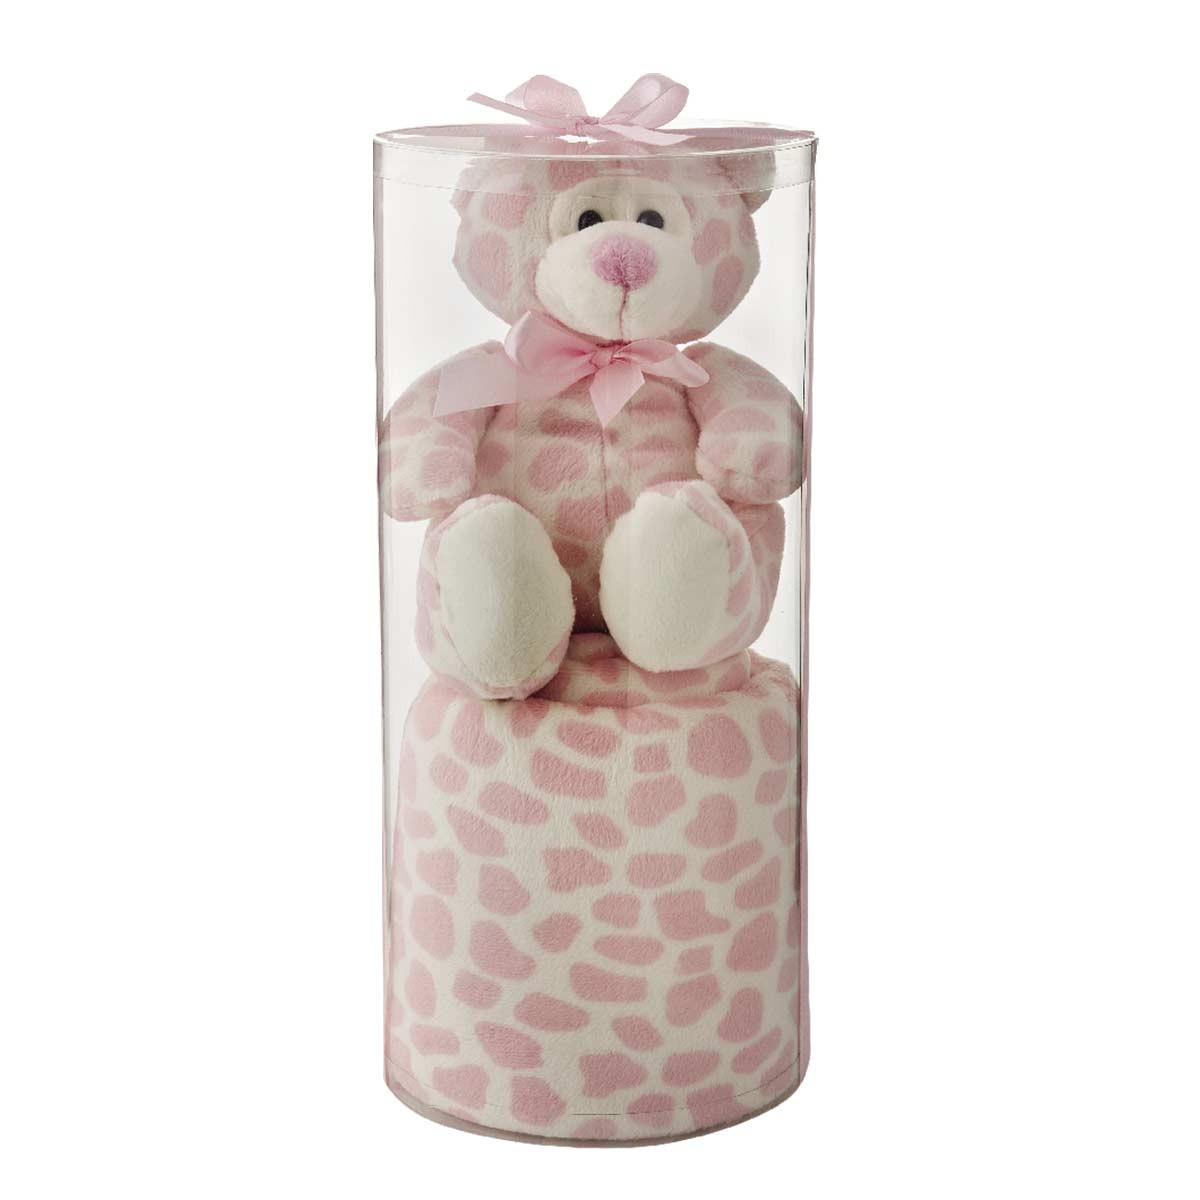 Κουβέρτα Fleece Αγκαλιάς White Egg 2151 Δ/Pink home   βρεφικά   κουβέρτες βρεφικές   κουβέρτες fleece